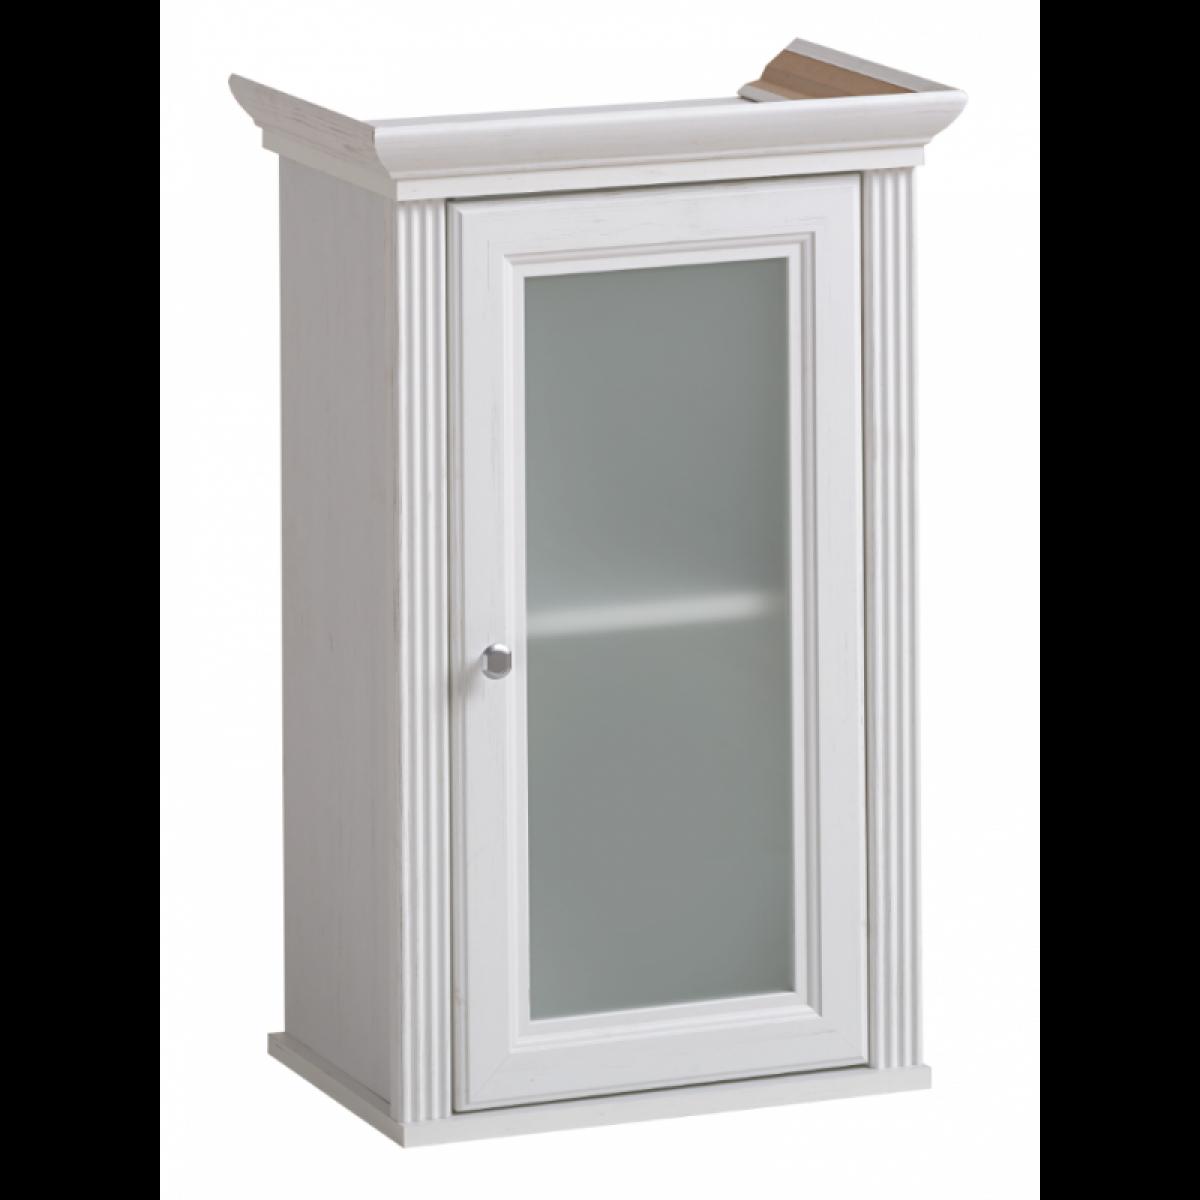 Ac-Deco Armoire de salle de bain Palace White - 48 x 32 x 76 cm - Rangement